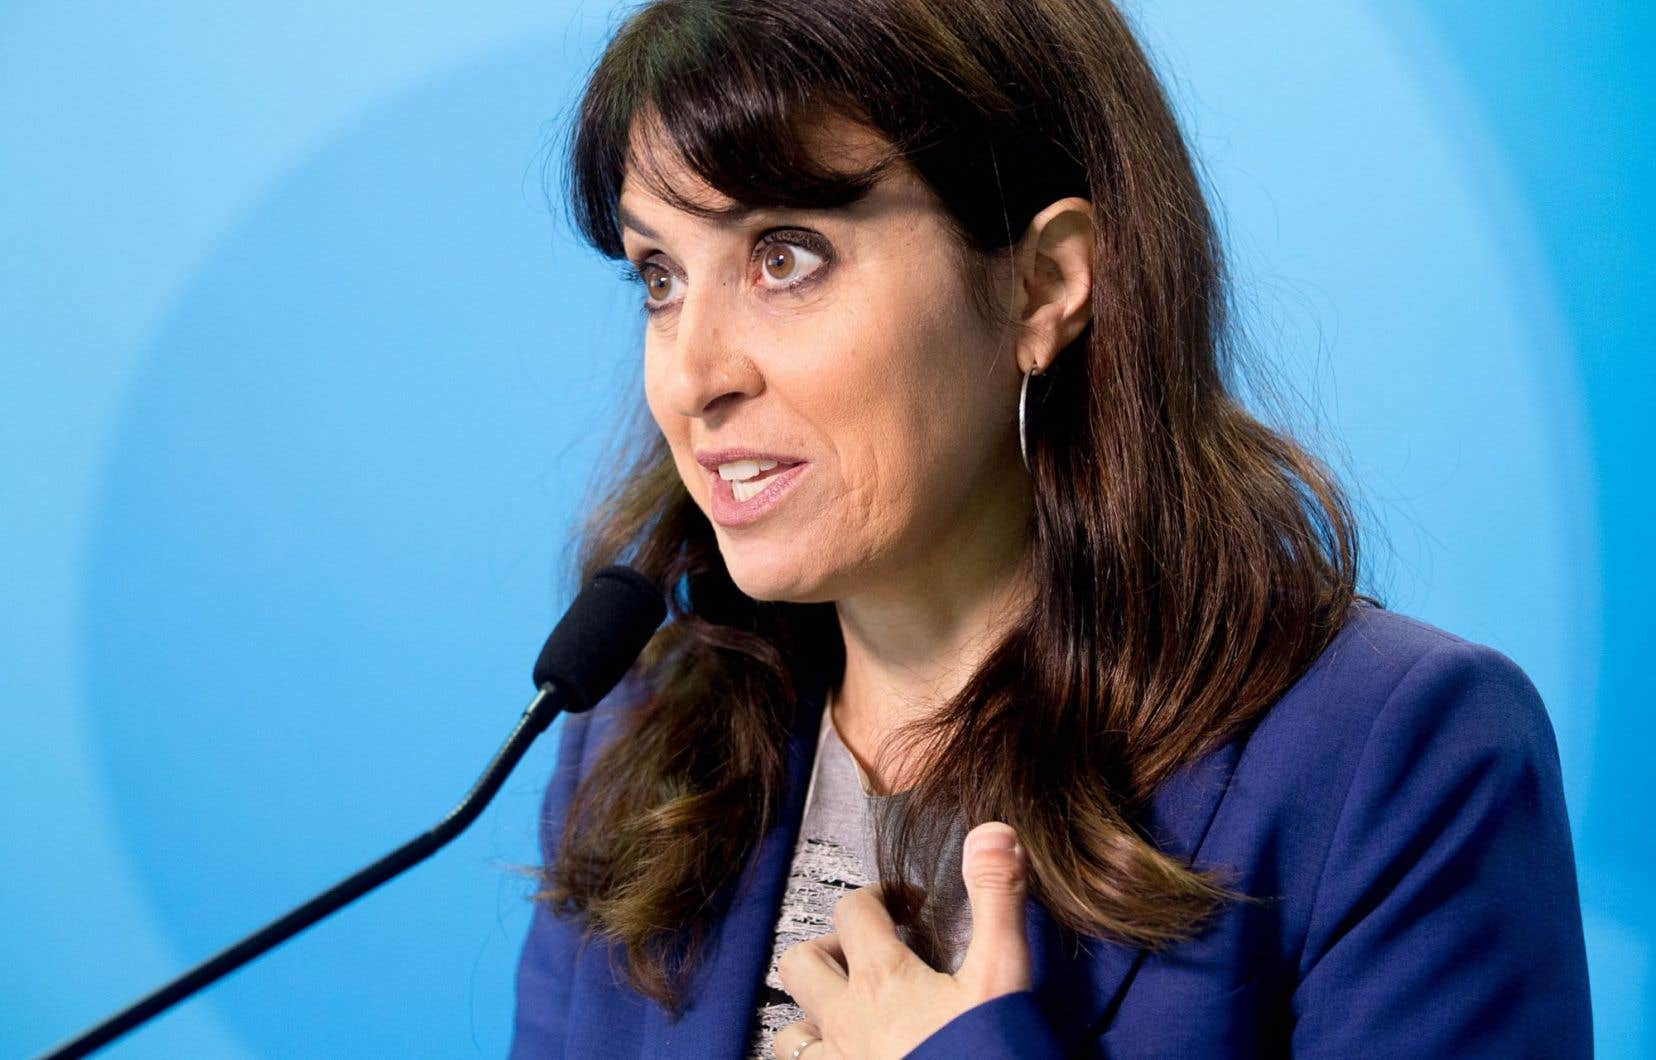 La députée de Joliette, Véronique Hivon, doit se retirer de la course à la direction du Parti québécois, son état de santé s'étant détérioré au cours des derniers jours, au point de la contraindre à un repos complet pour au moins un mois.